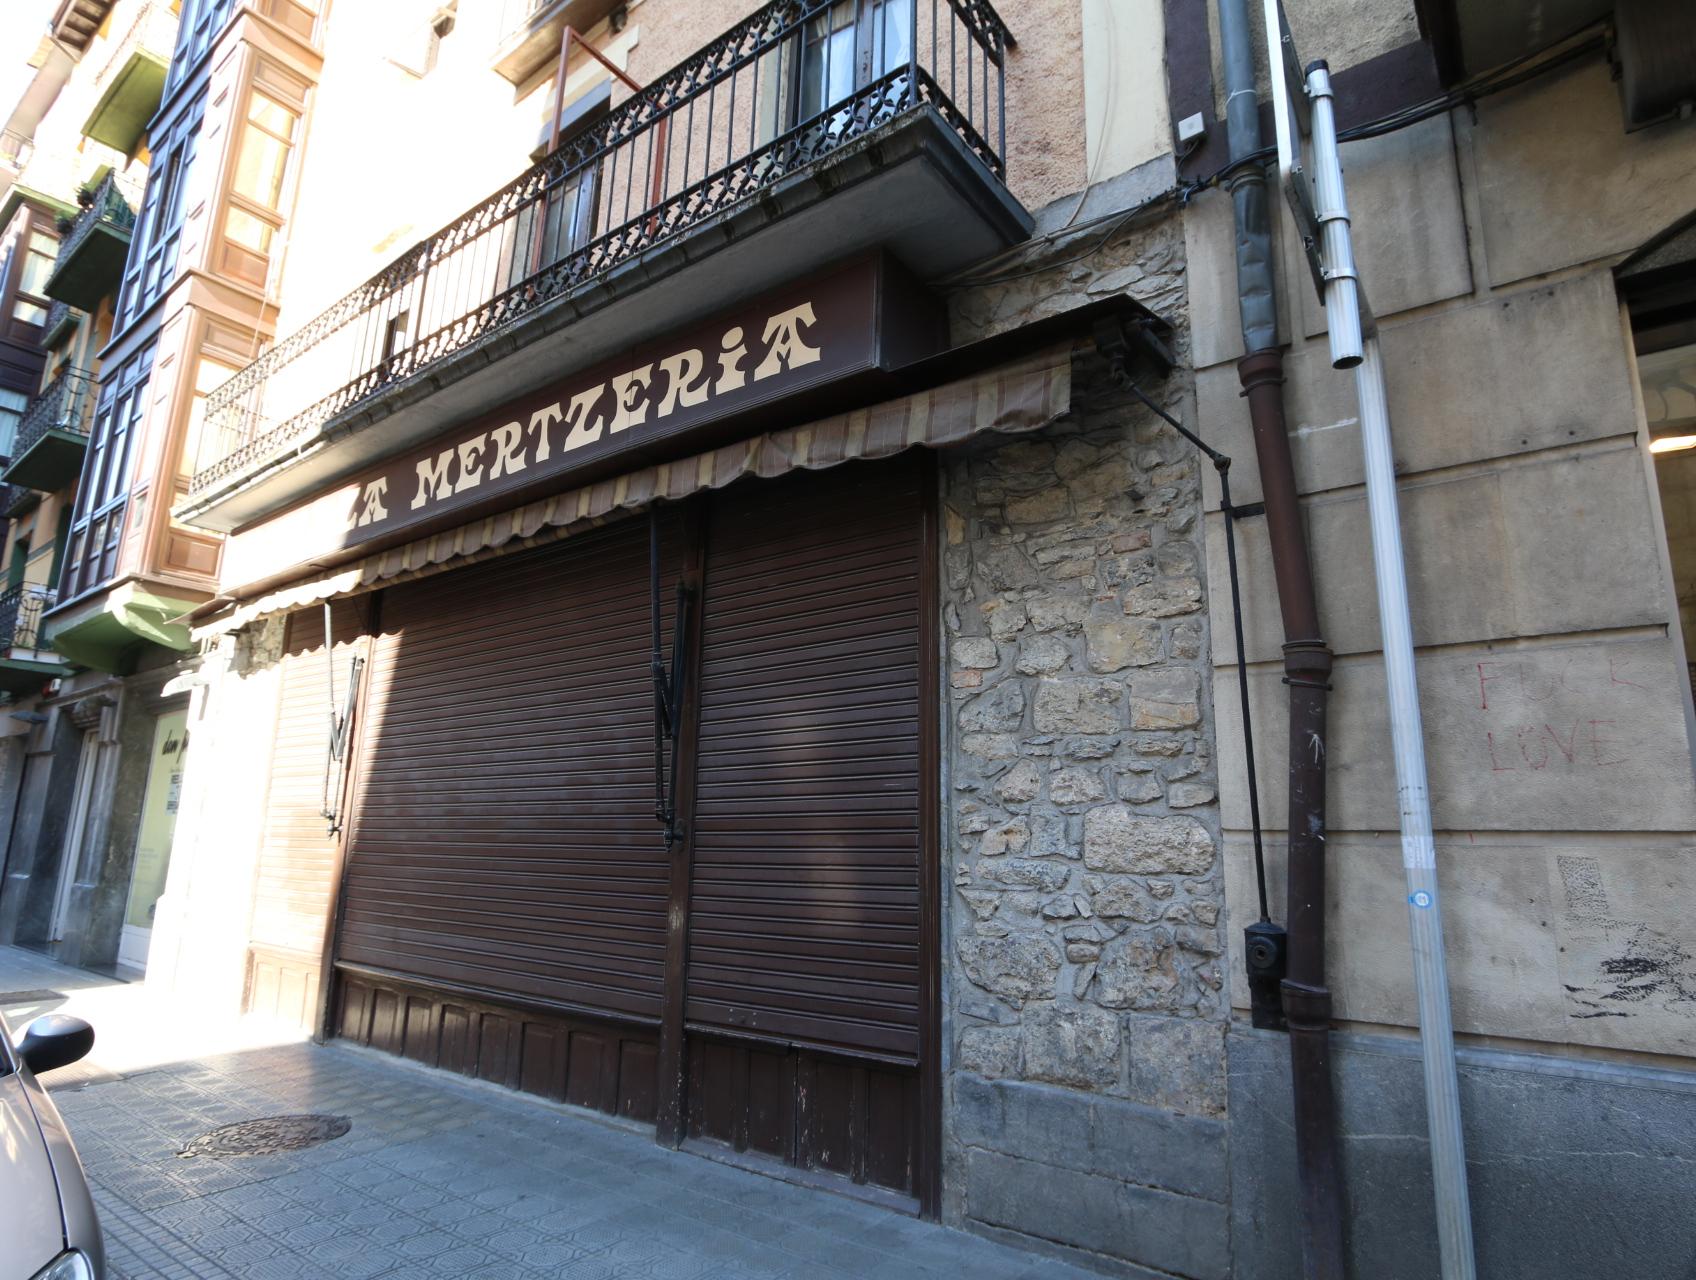 Local en venta en Tolosa centro, Gipuzkoa